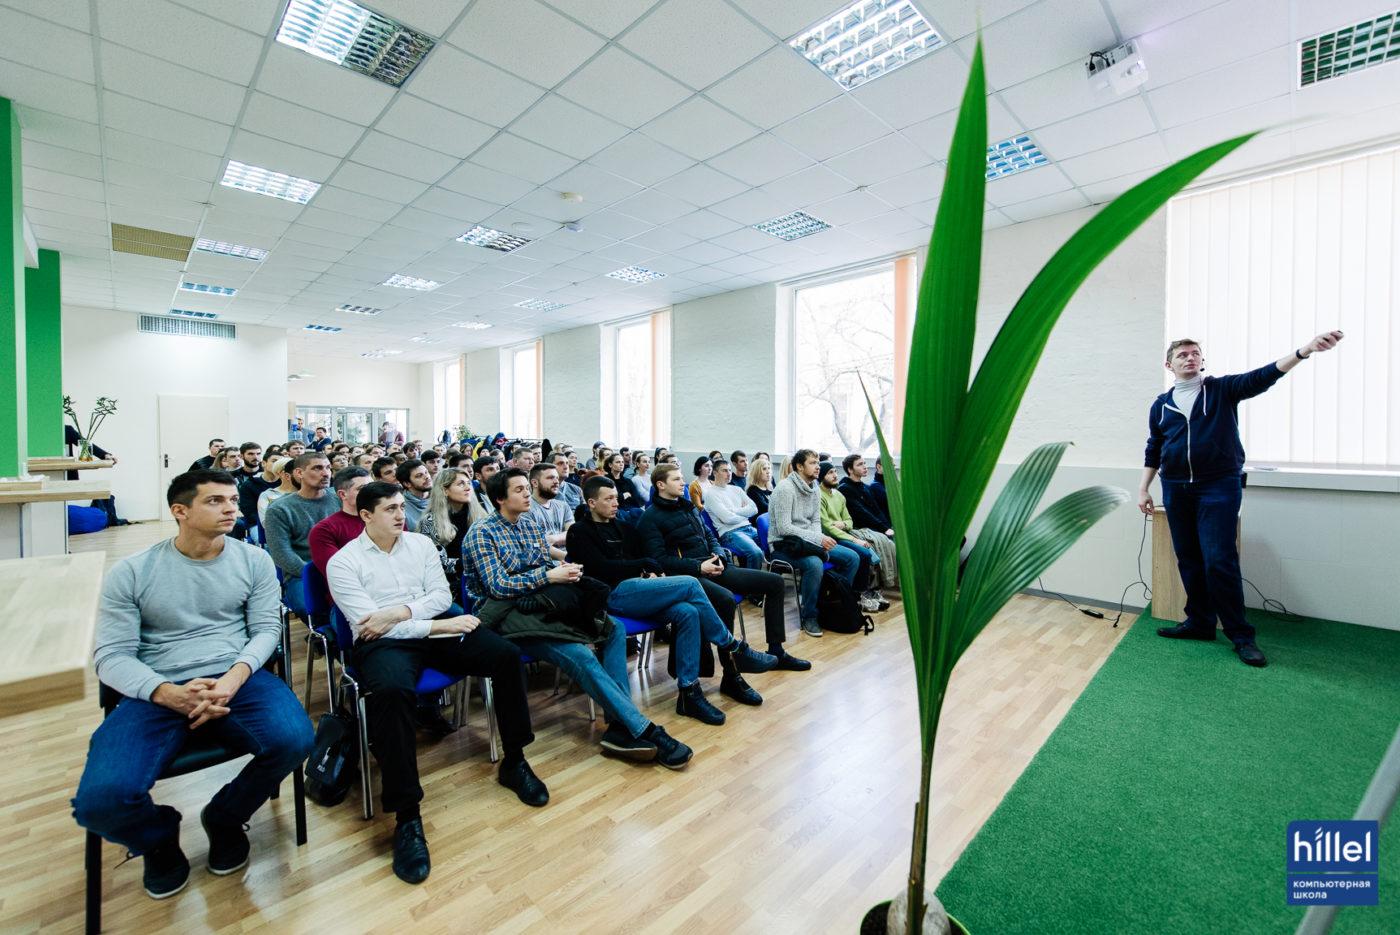 Мероприятия: Открытая встреча «Хочу в IT. С чего начать?» в Харькове